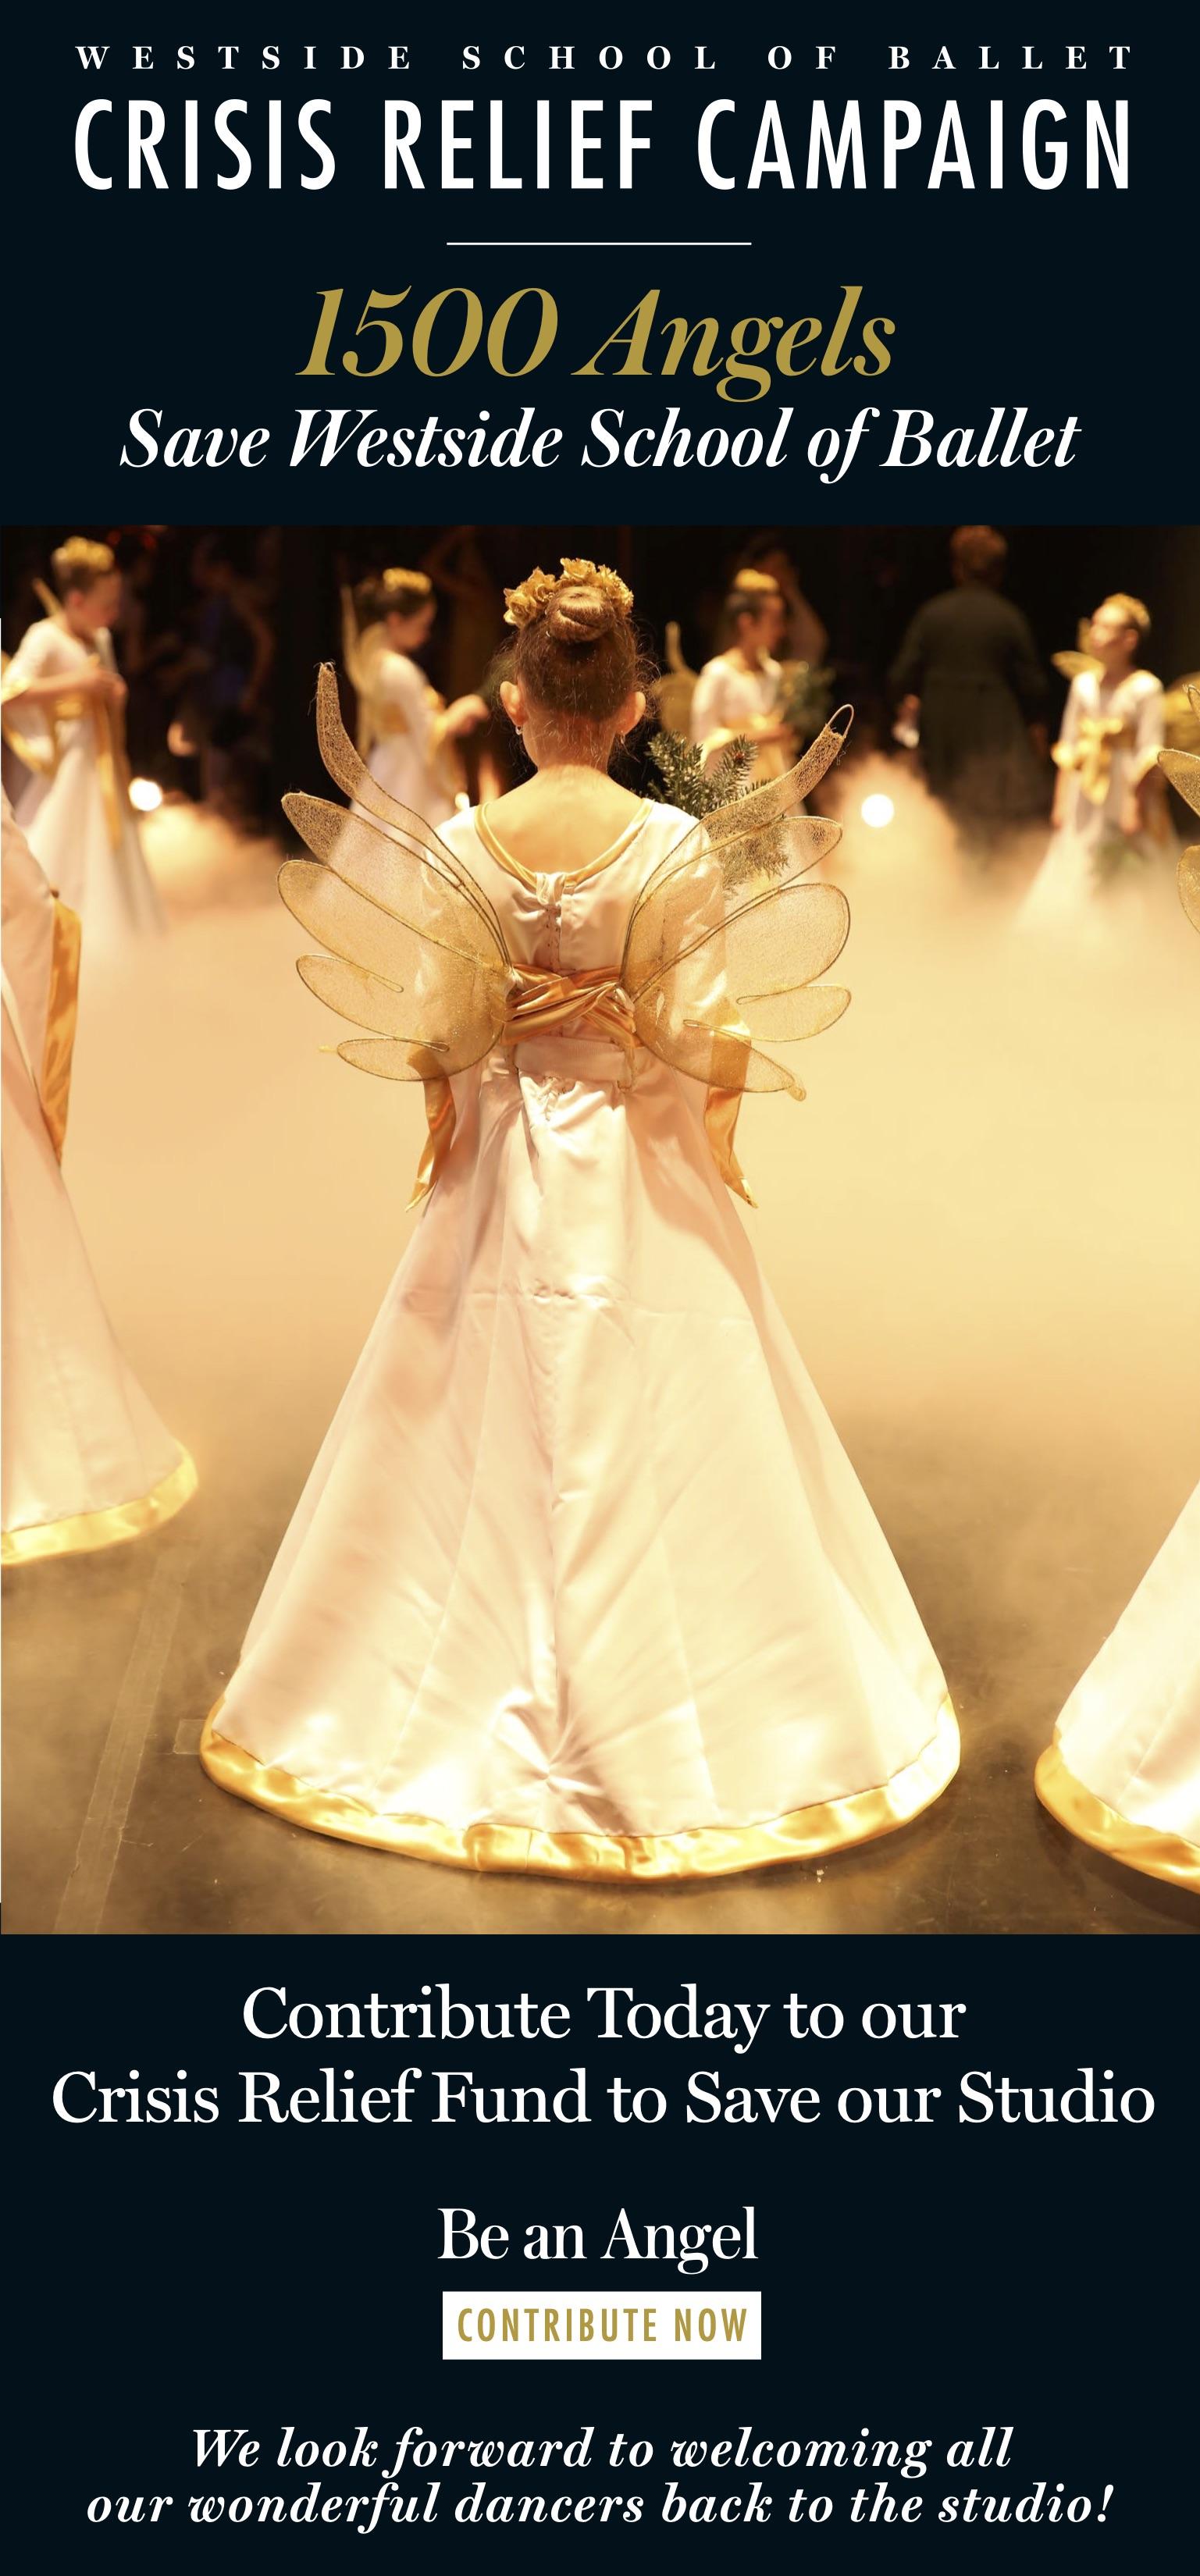 1500 Angels